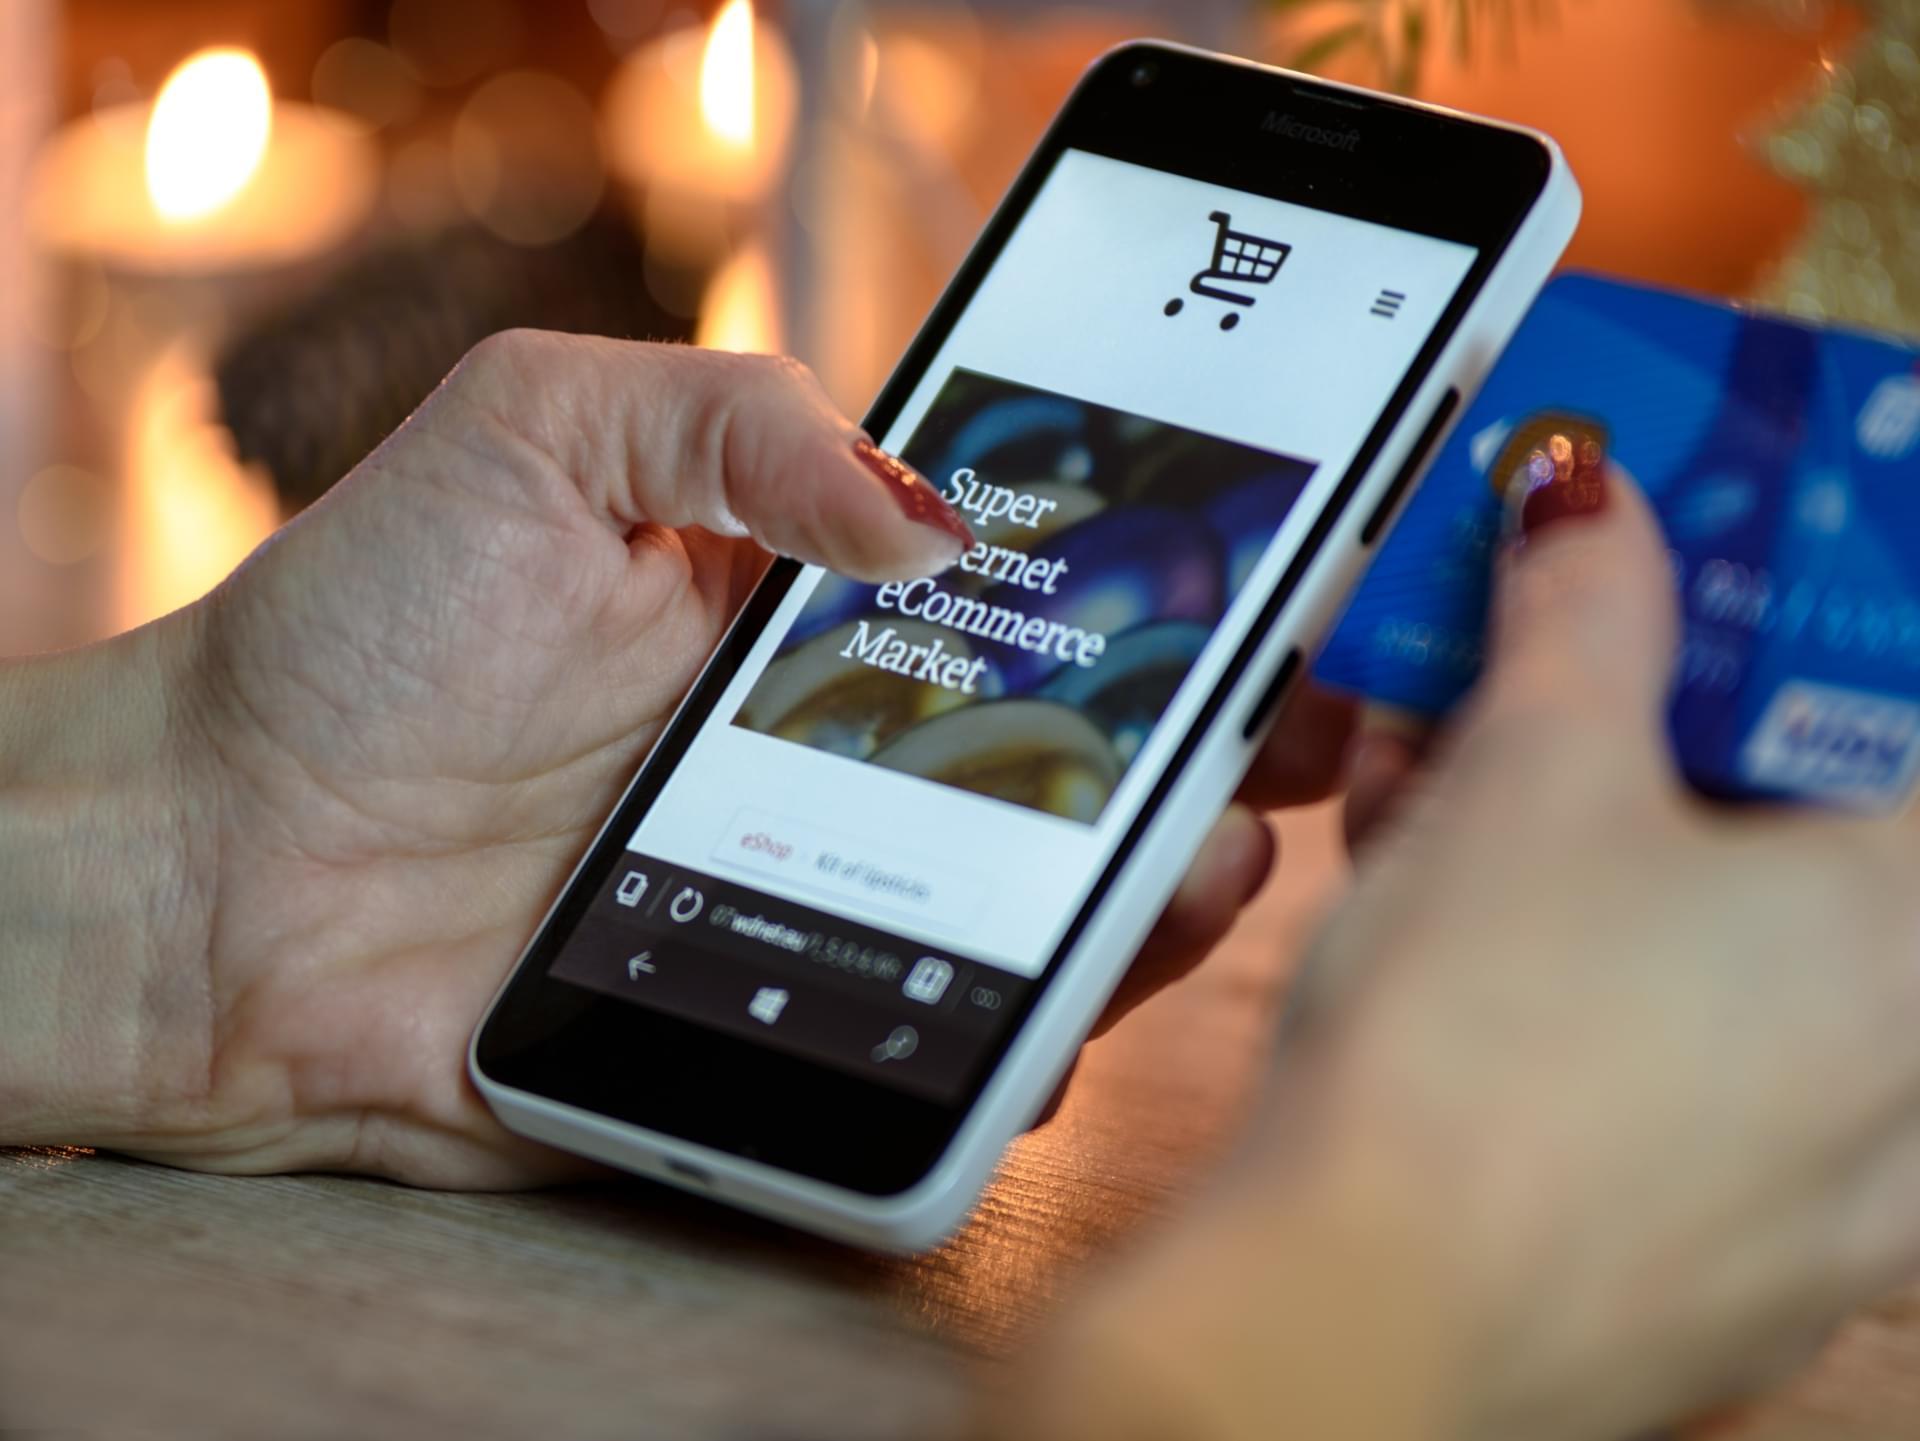 Shoppen per Smartphone